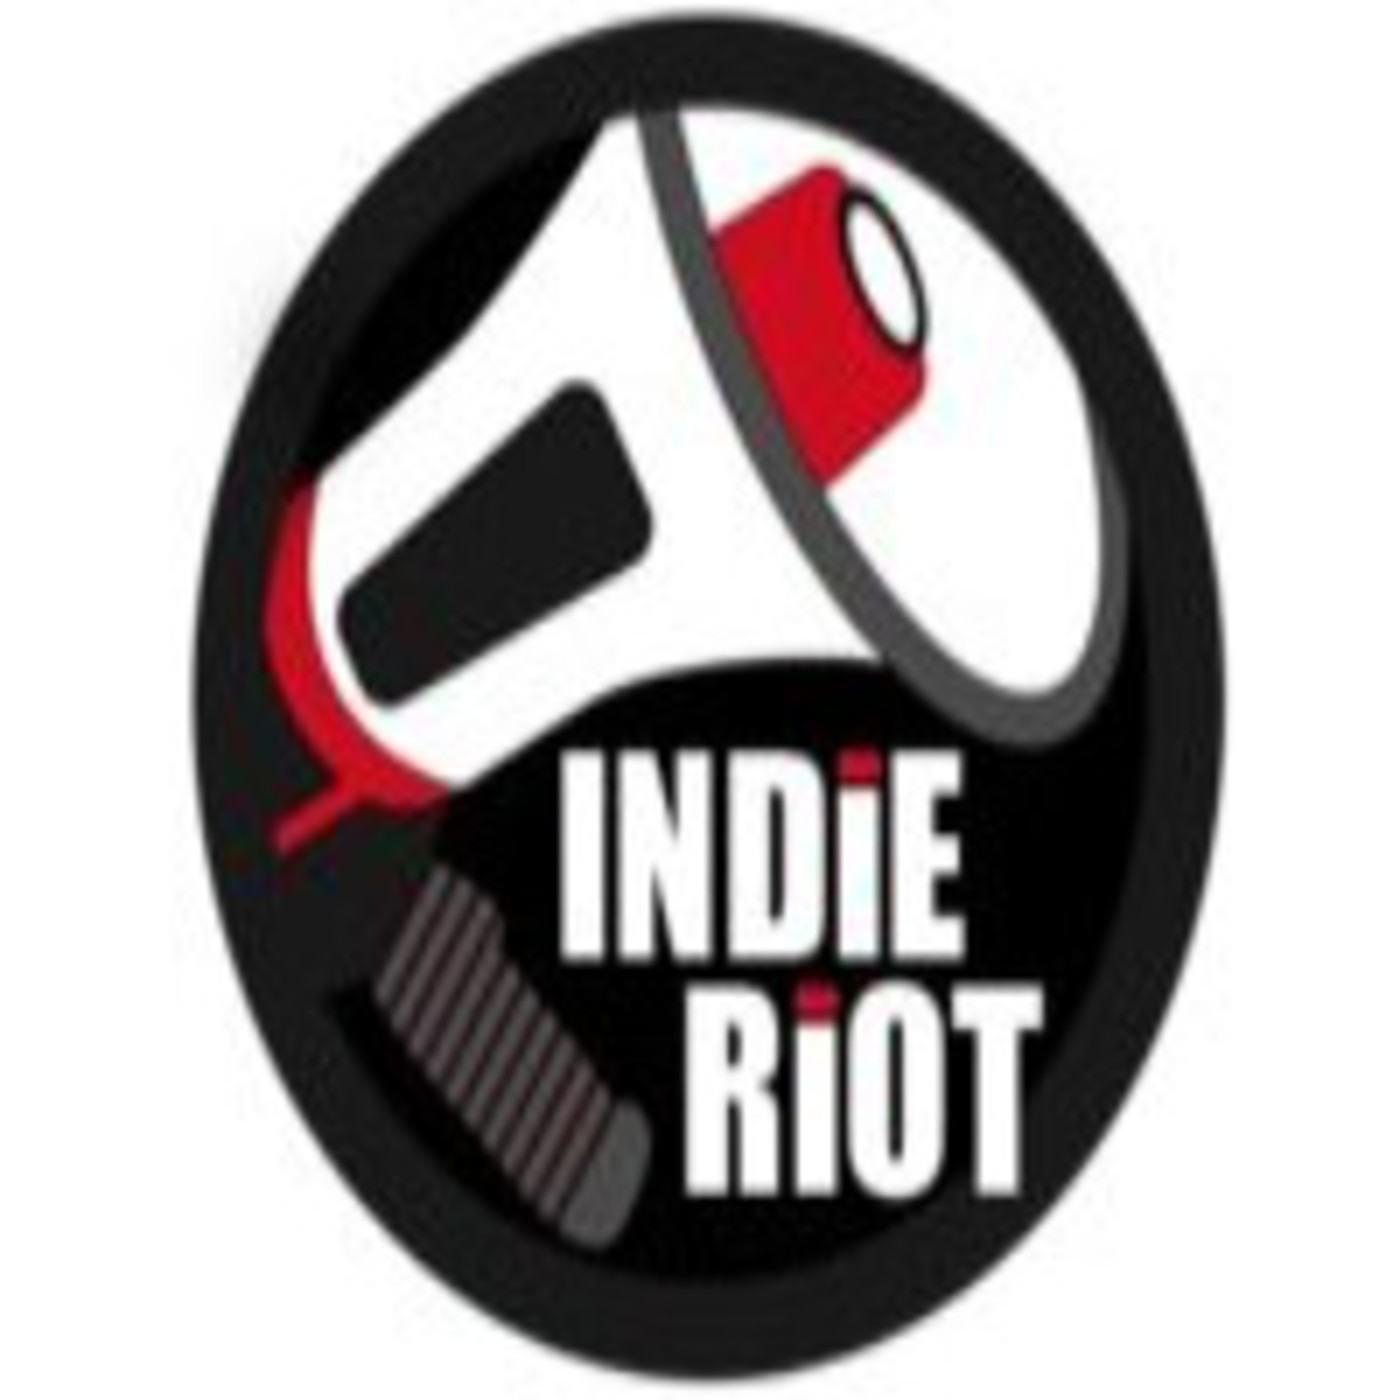 <![CDATA[Indie Riot Radio]]>